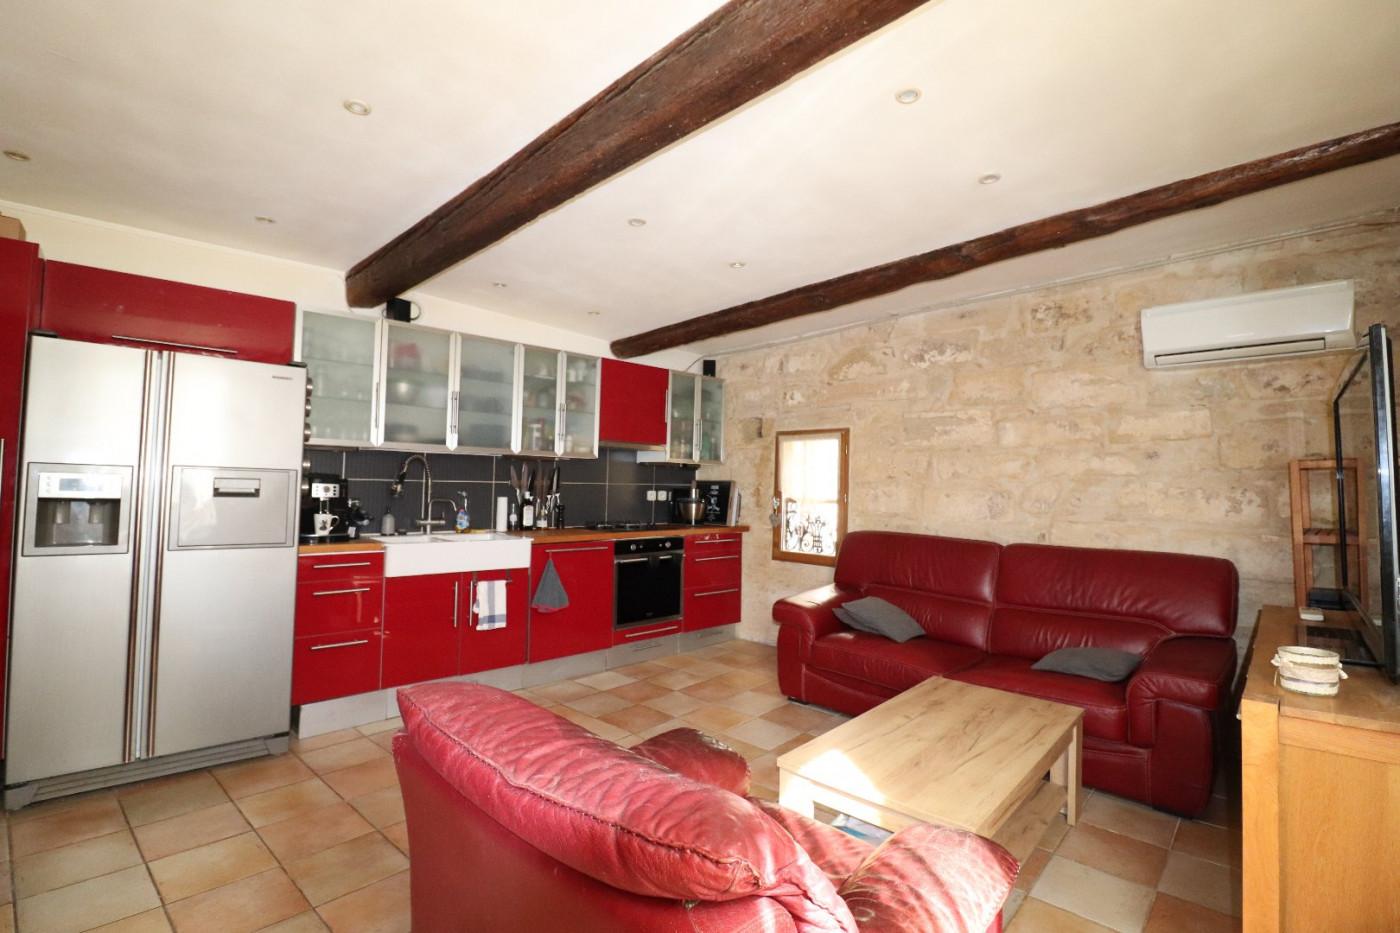 A vendre  Montblanc | Réf 34577342 - David immobilier